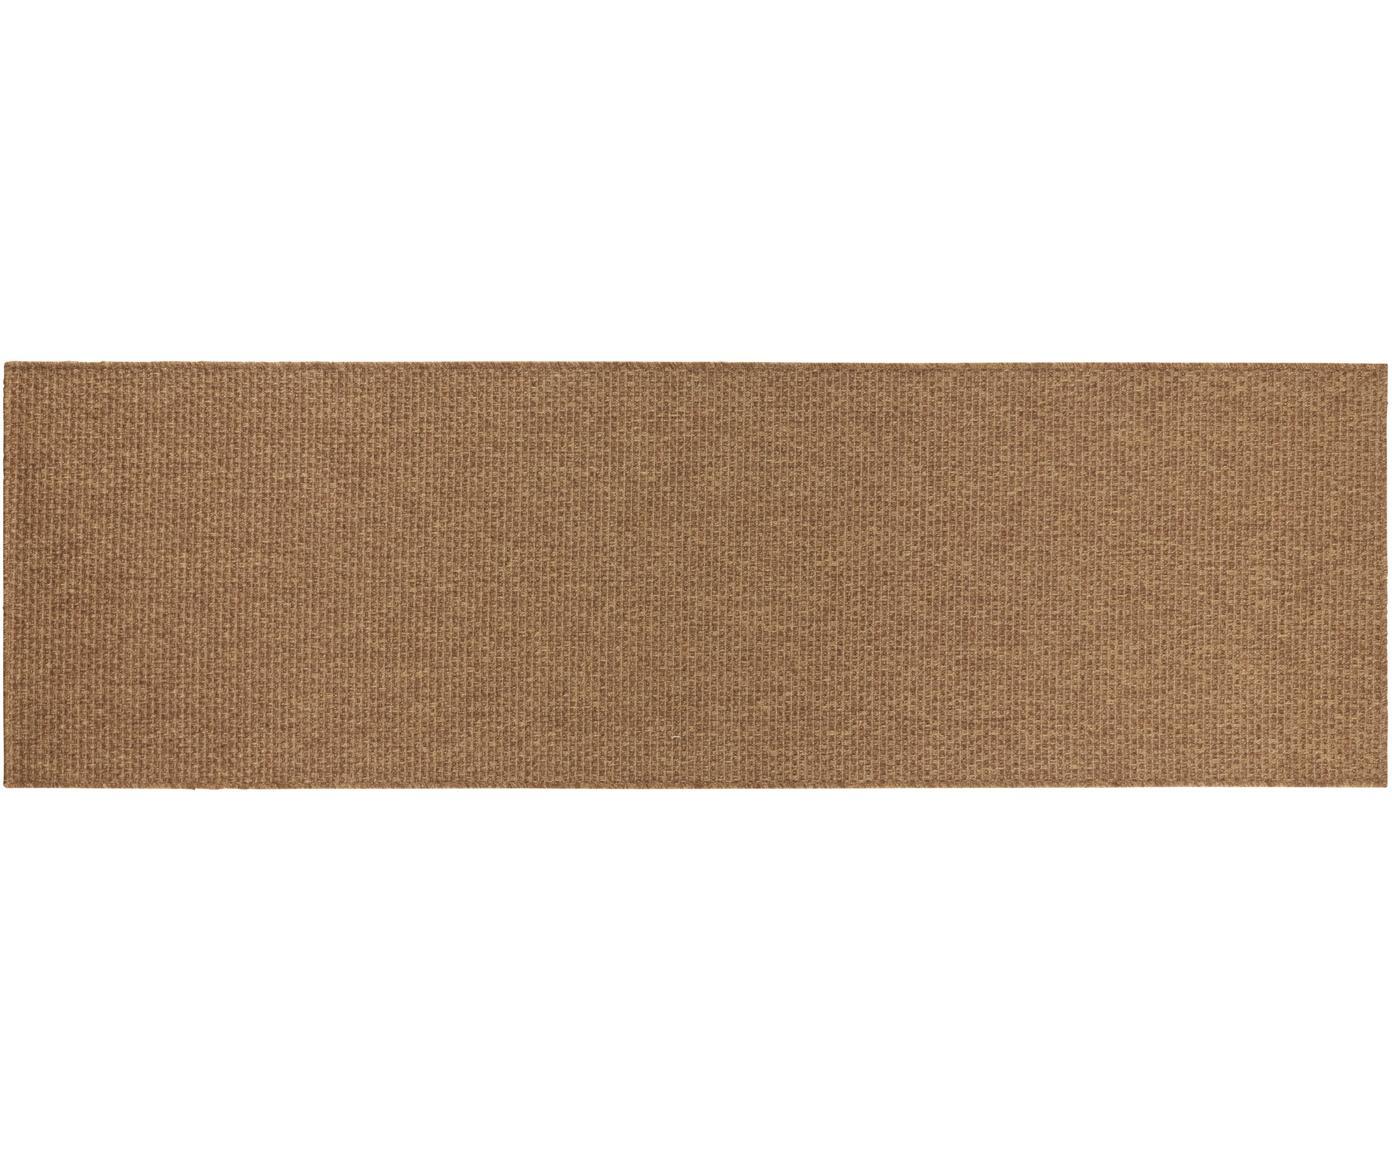 In- & Outdoor-Läufer Nala in Sisal-Optik, Braun, 80 x 250 cm